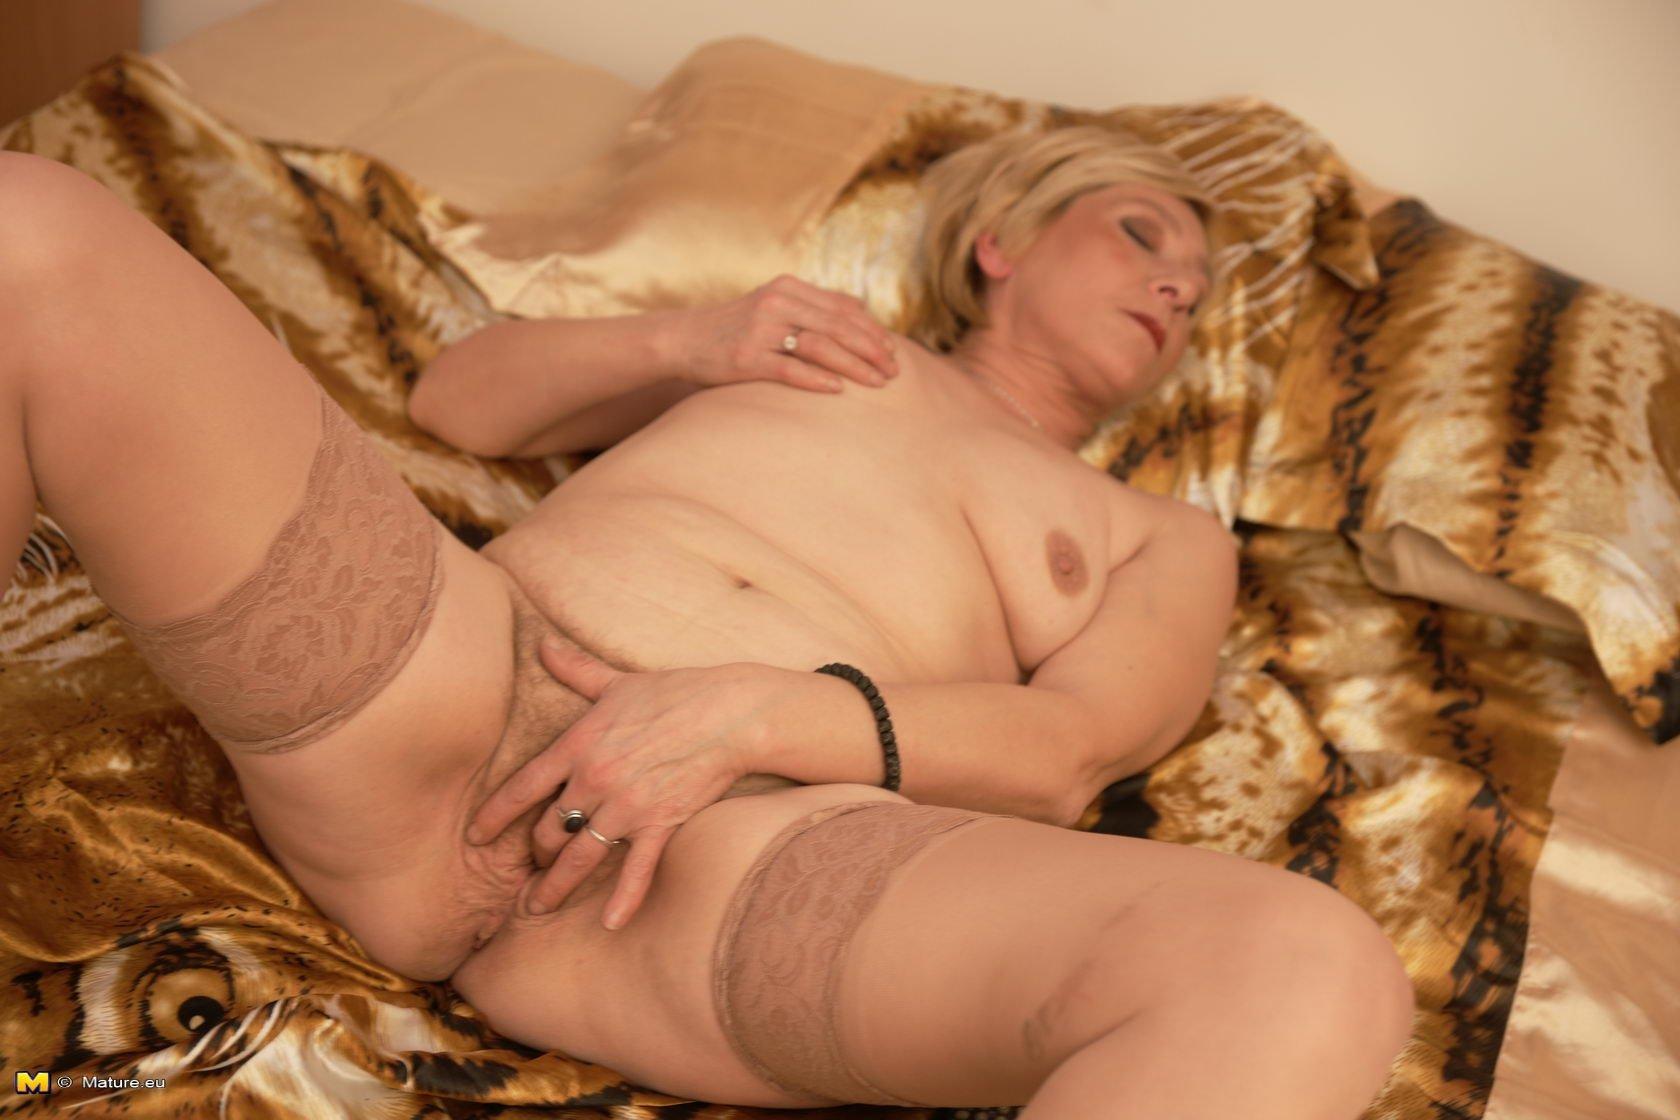 Коротковолосая пожилая блондинка ласкает свою старую волосатую пизду